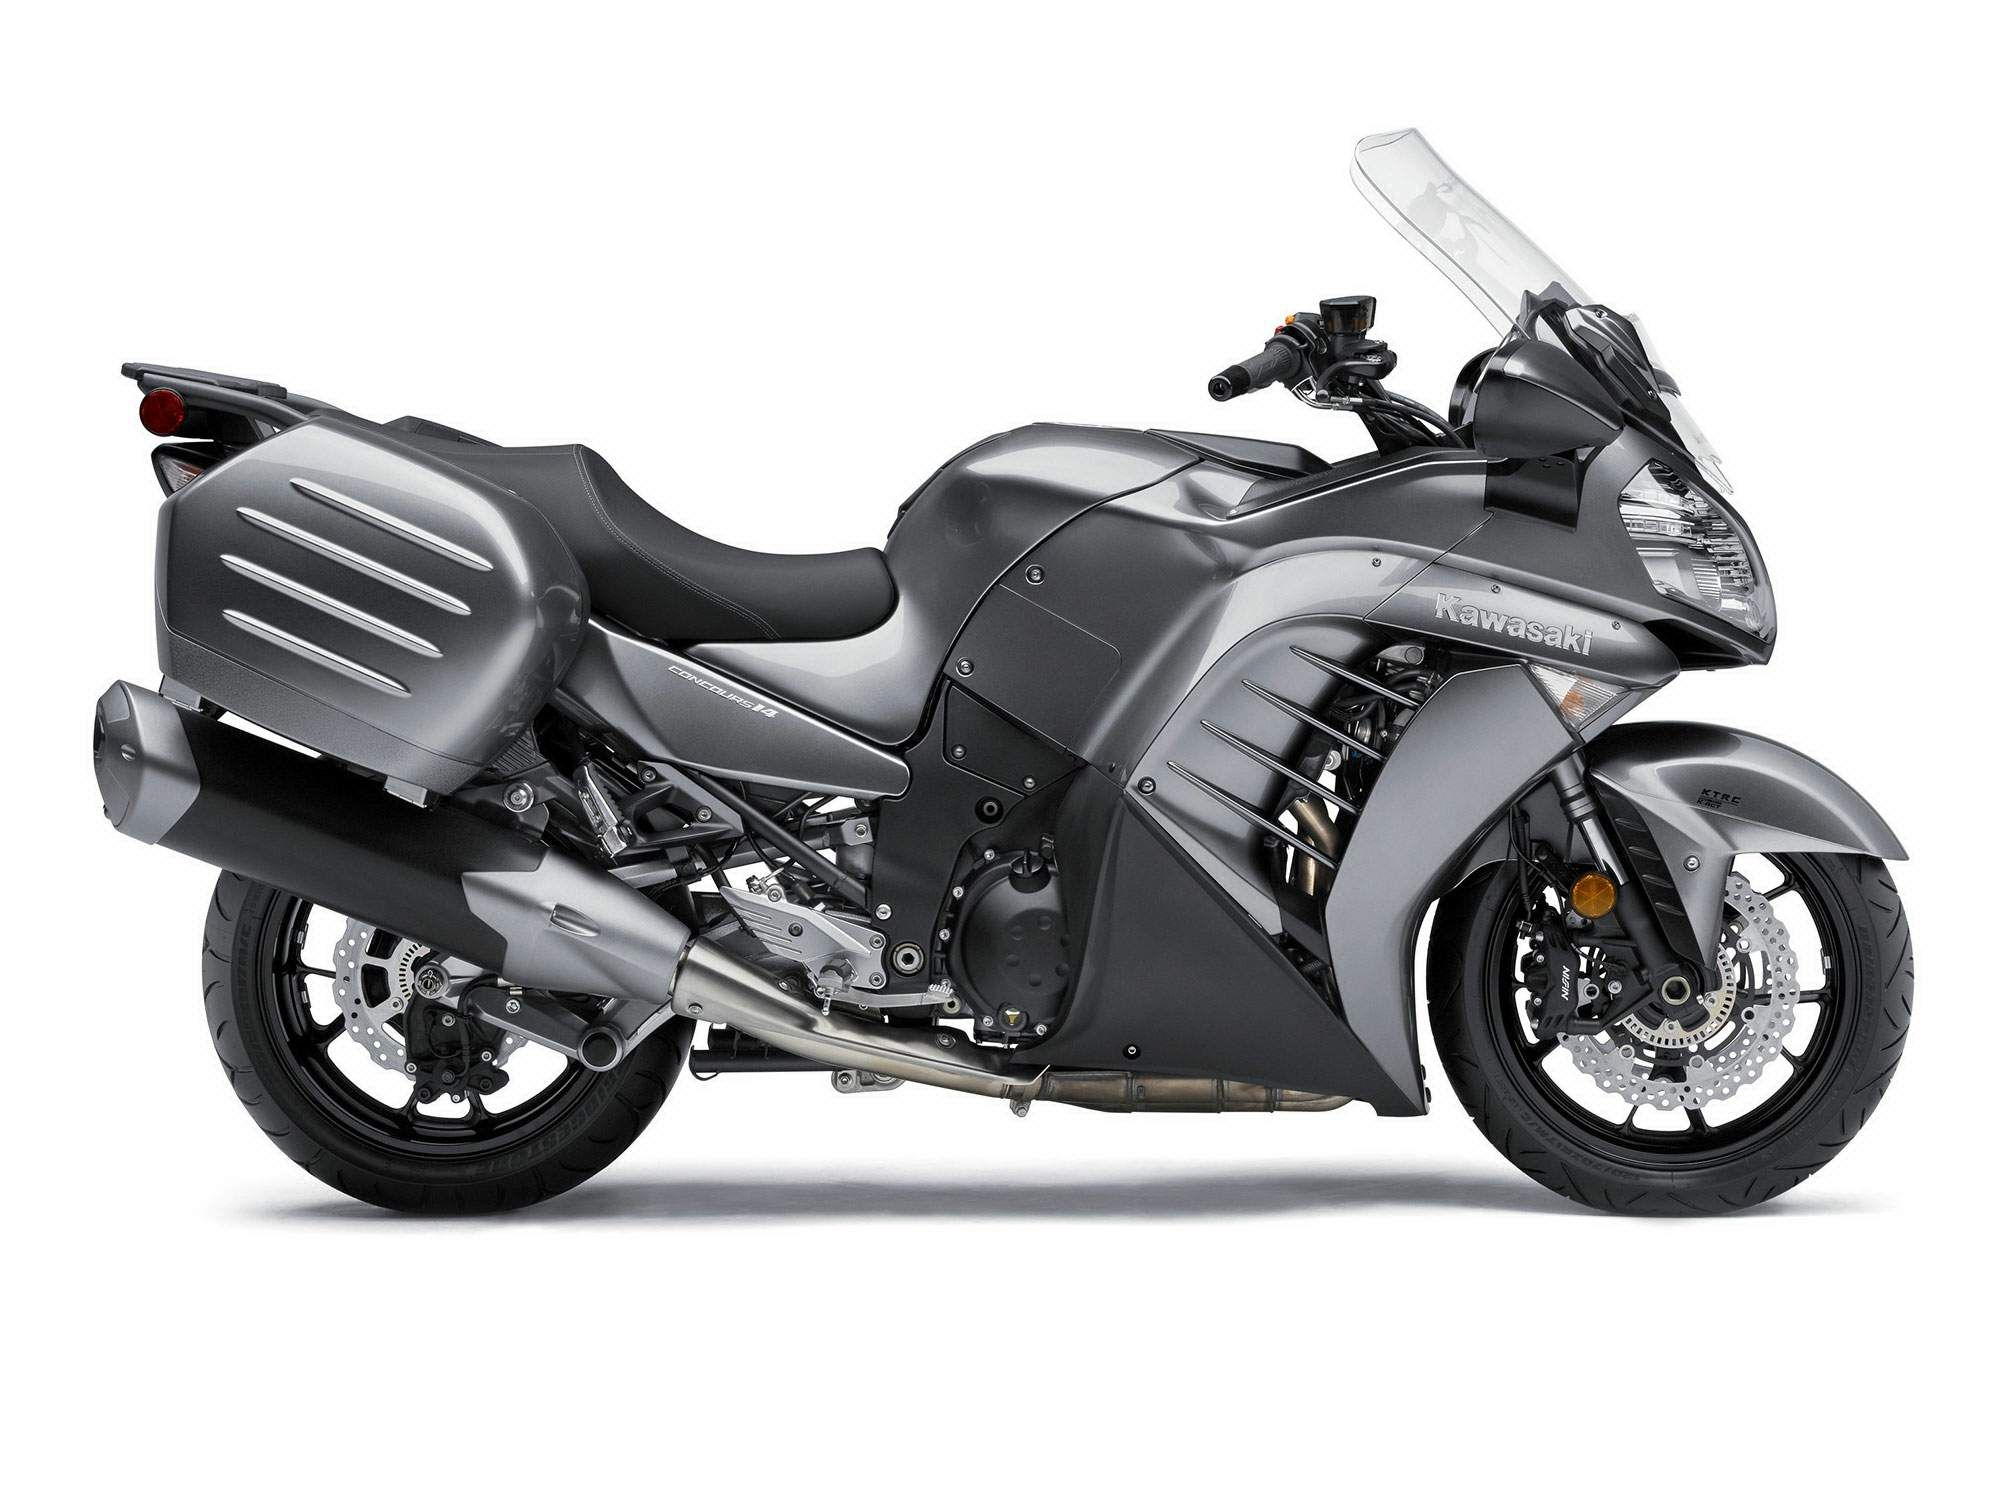 Kawasaki Concours Motorcycles For Sale Kawasaki Motorcycle